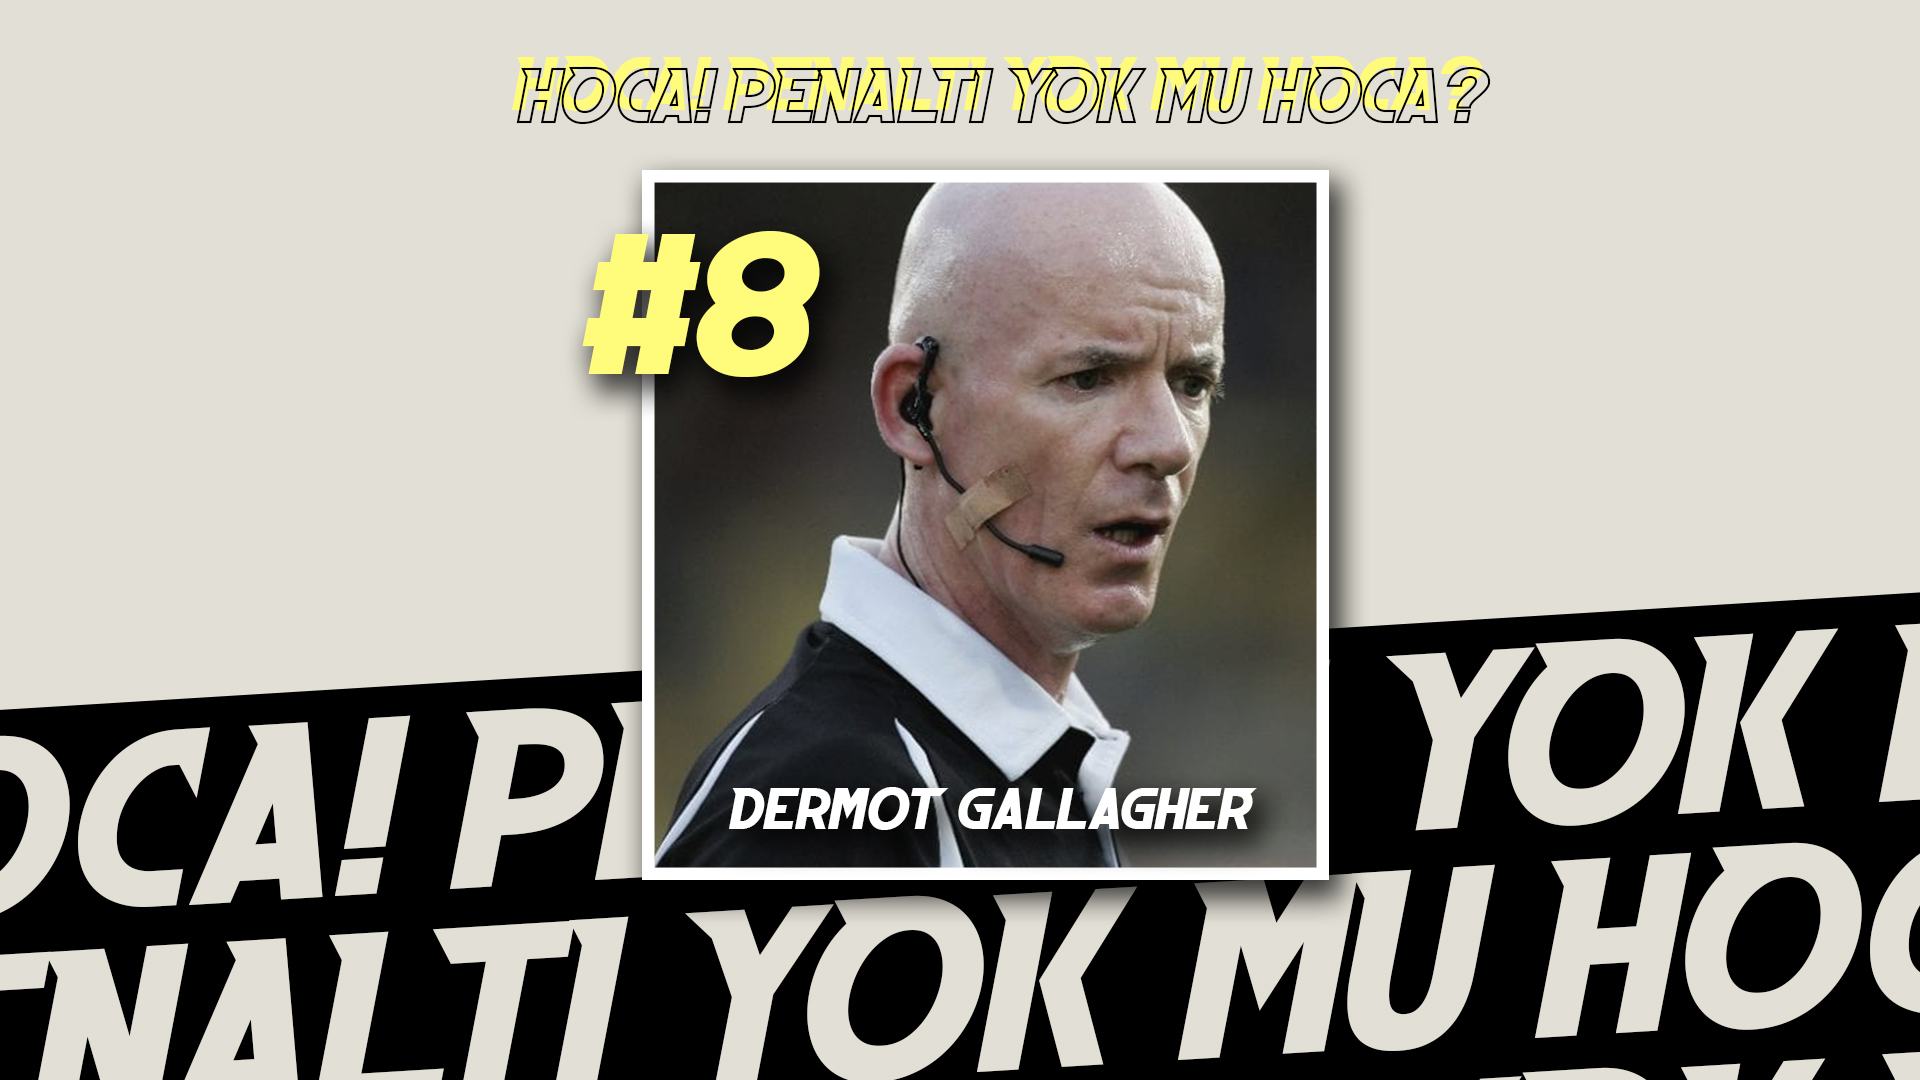 Hoca! Penaltı yok mu hoca? #8